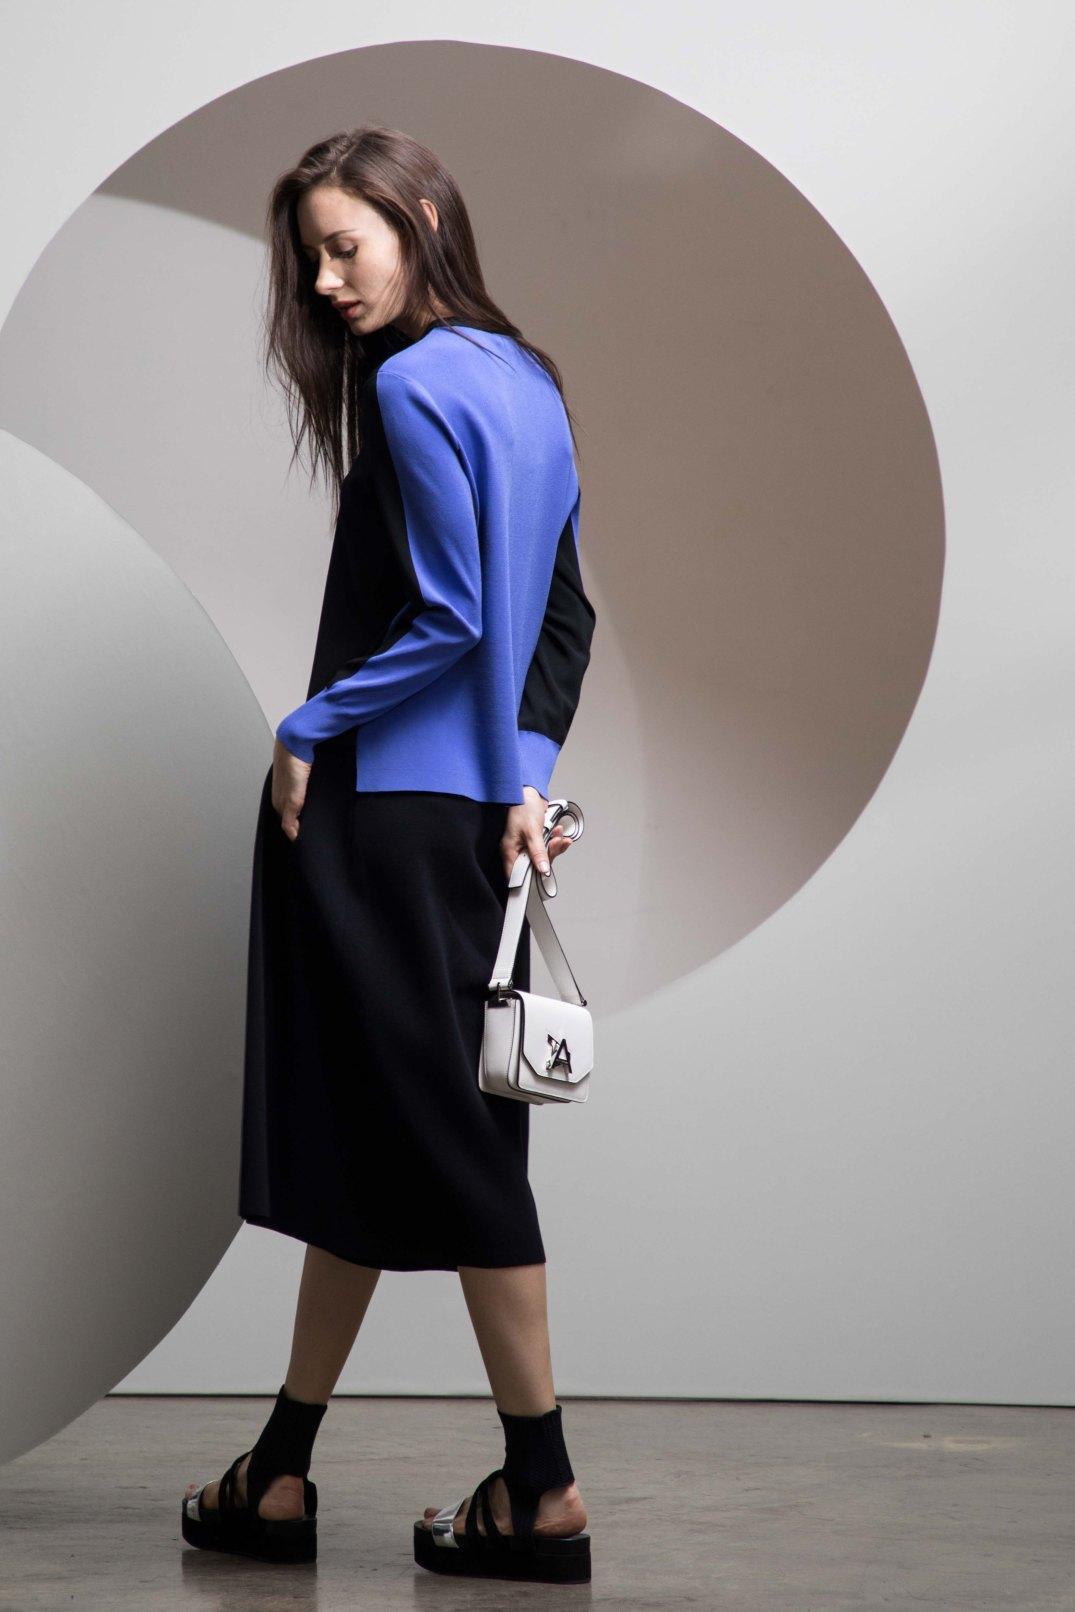 時裝服裝攝影 fashion Photography_-2